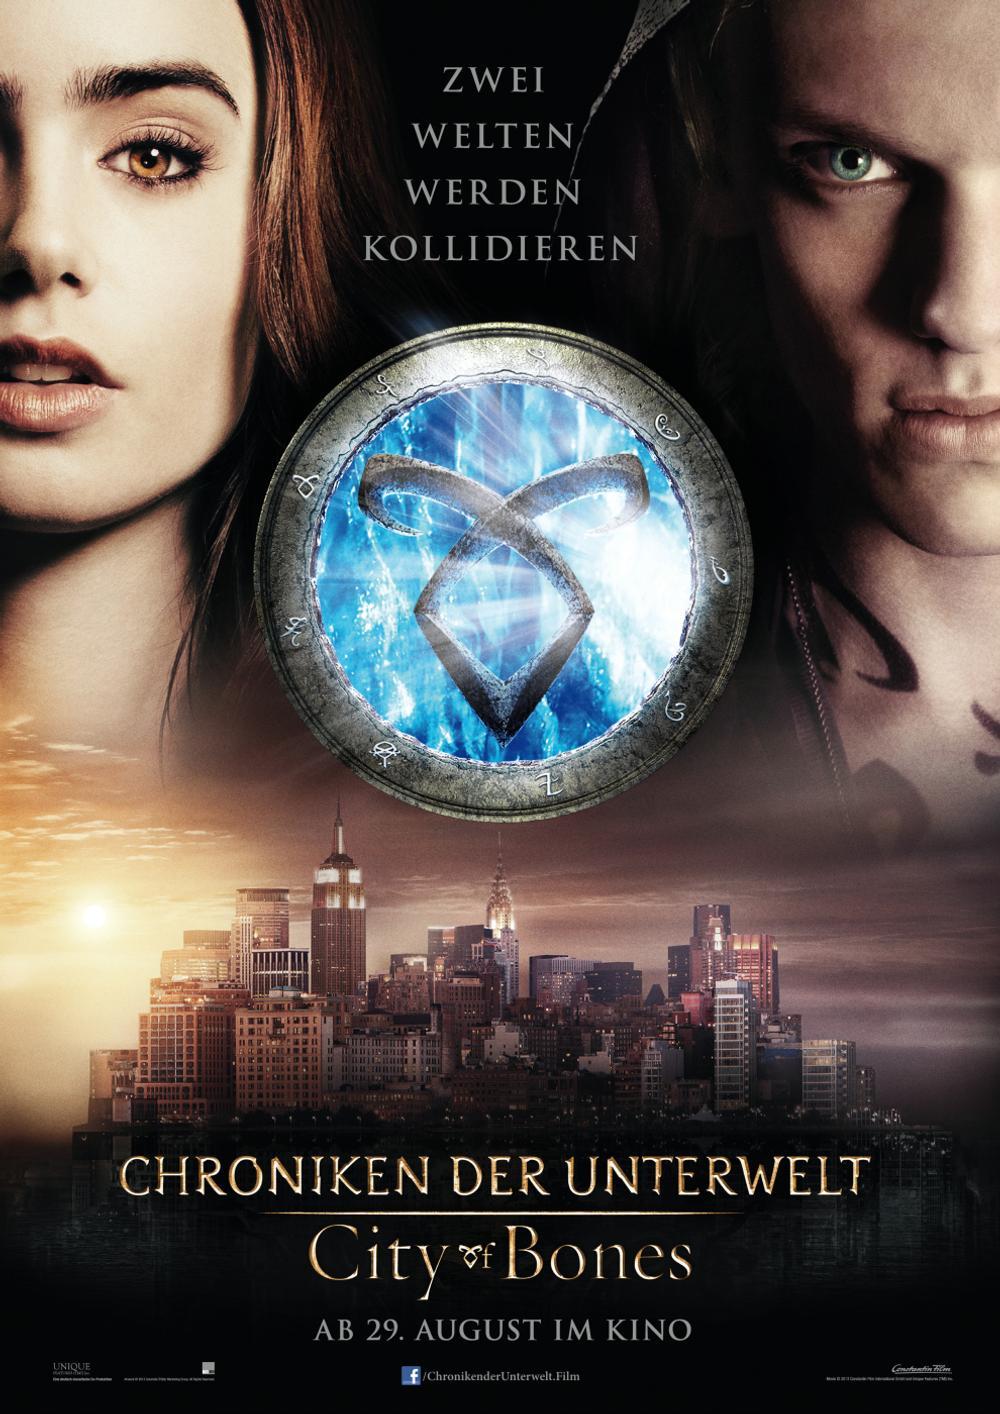 Chroniken der Unterwelt - City of Bones - Film